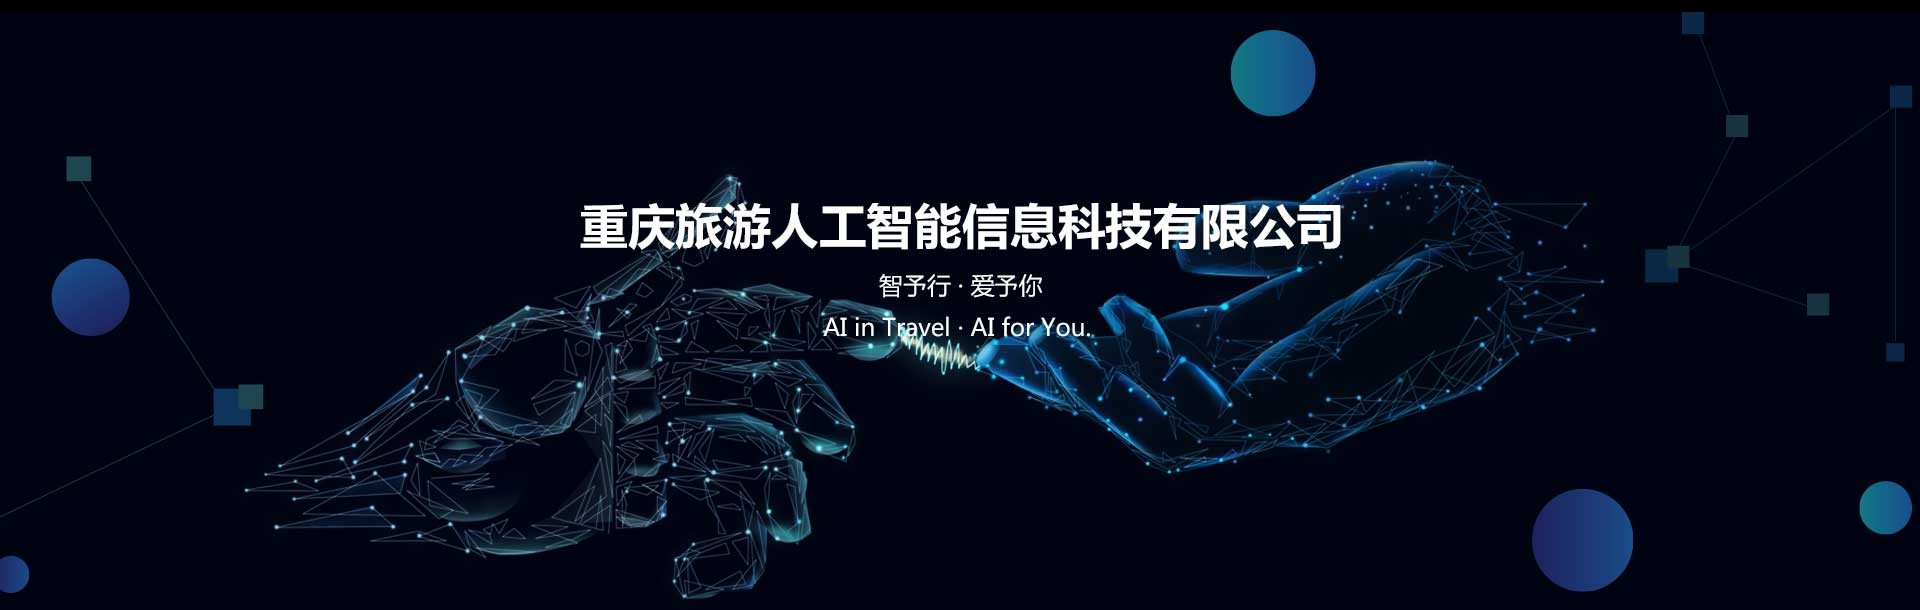 """攻克信息管理难题!华天动力协同OA系统实现""""智慧重庆""""的科学梦"""